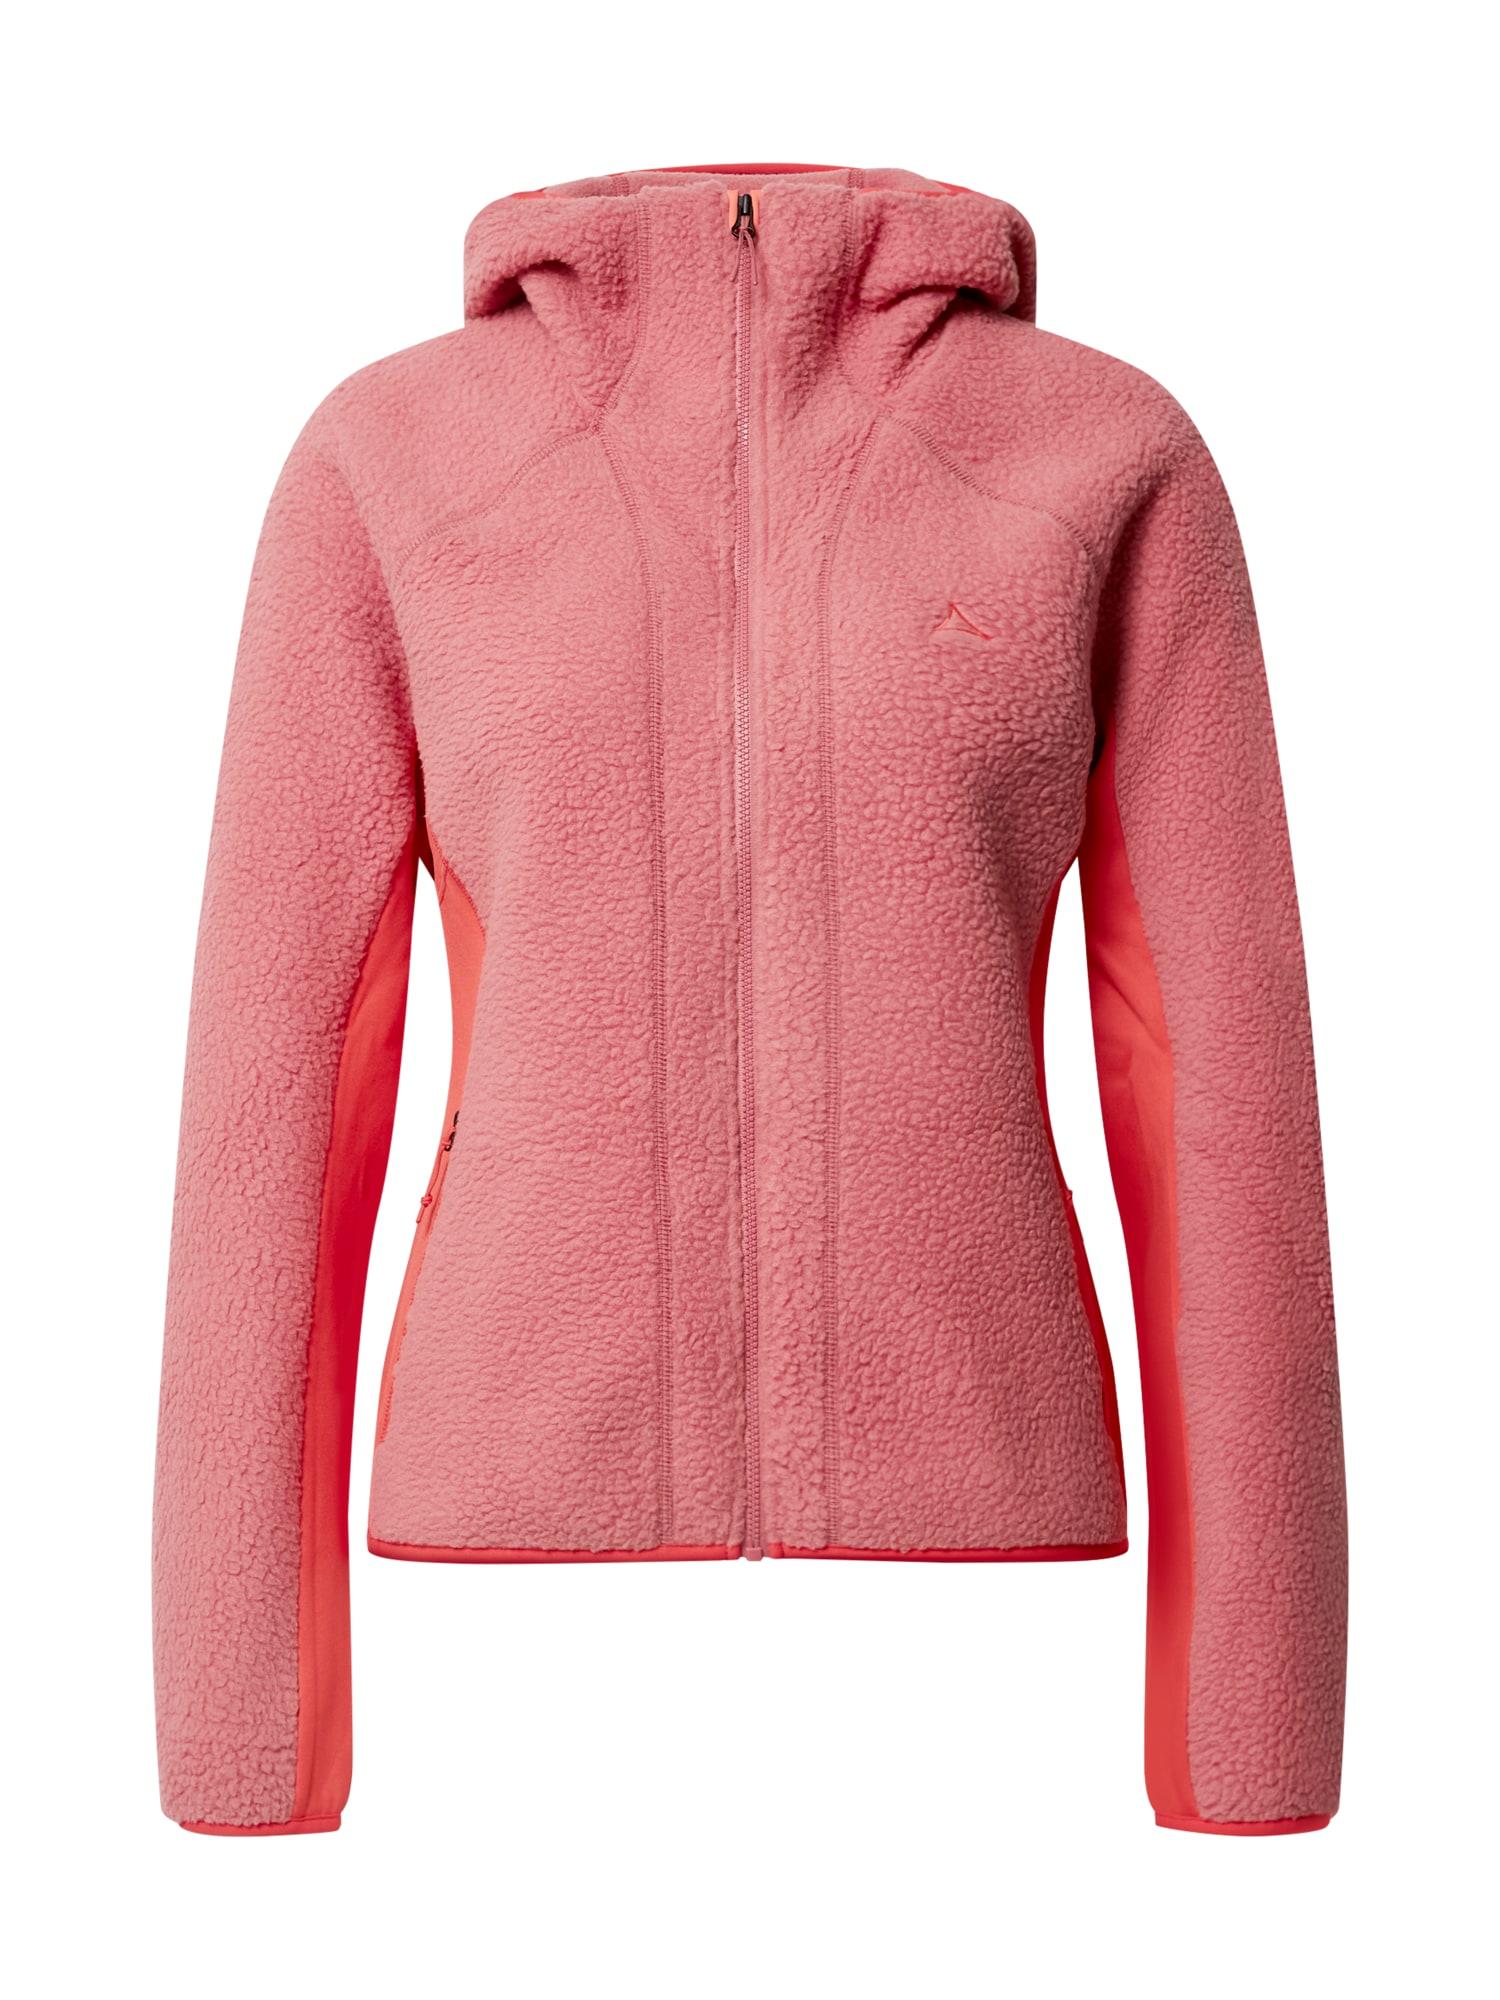 Schöffel Funkcinis flisinis džemperis ryškiai rožinė spalva